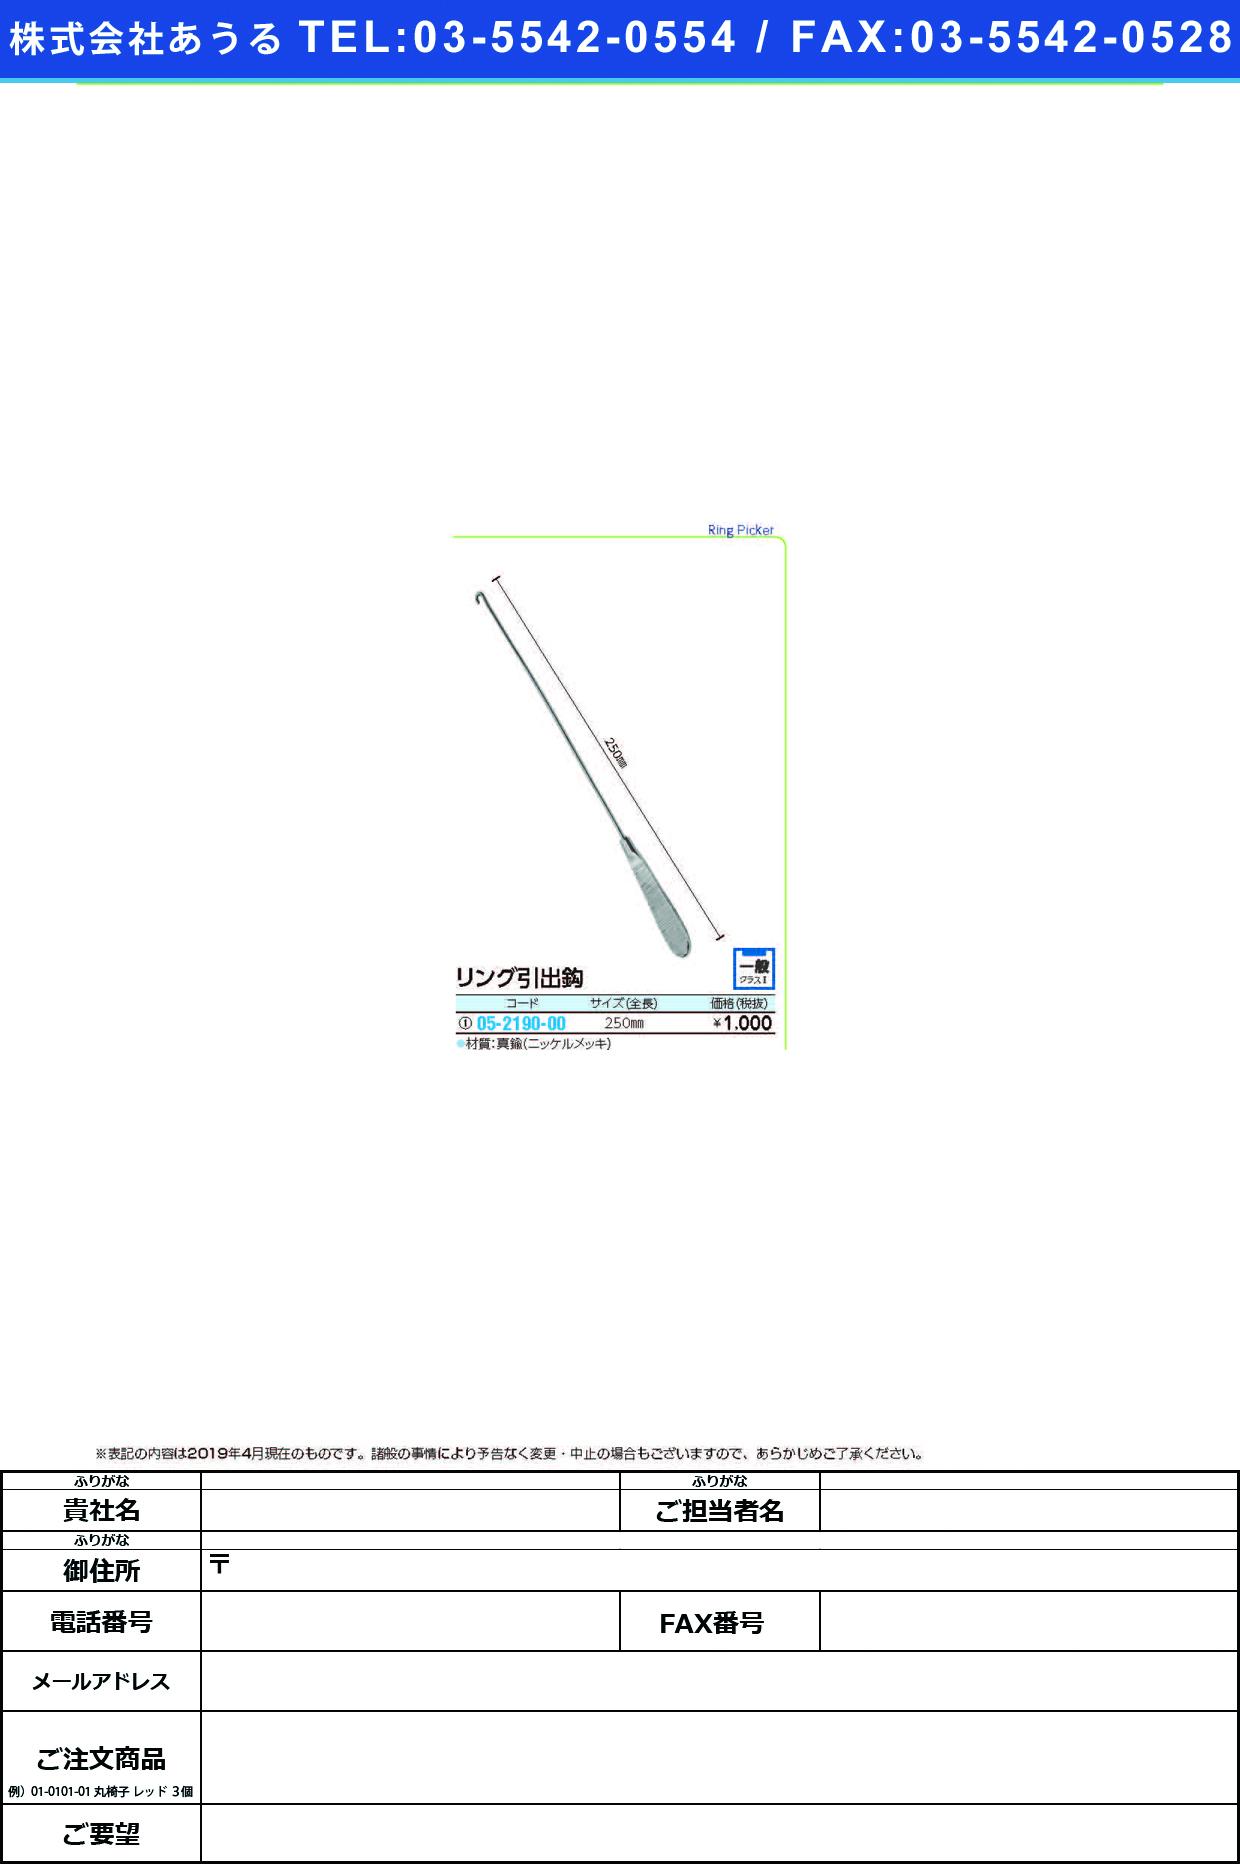 (05-2190-00)リング引出鈎 TKZ-M5982(250MM) リングヒキダシコウ【1本単位】【2019年カタログ商品】